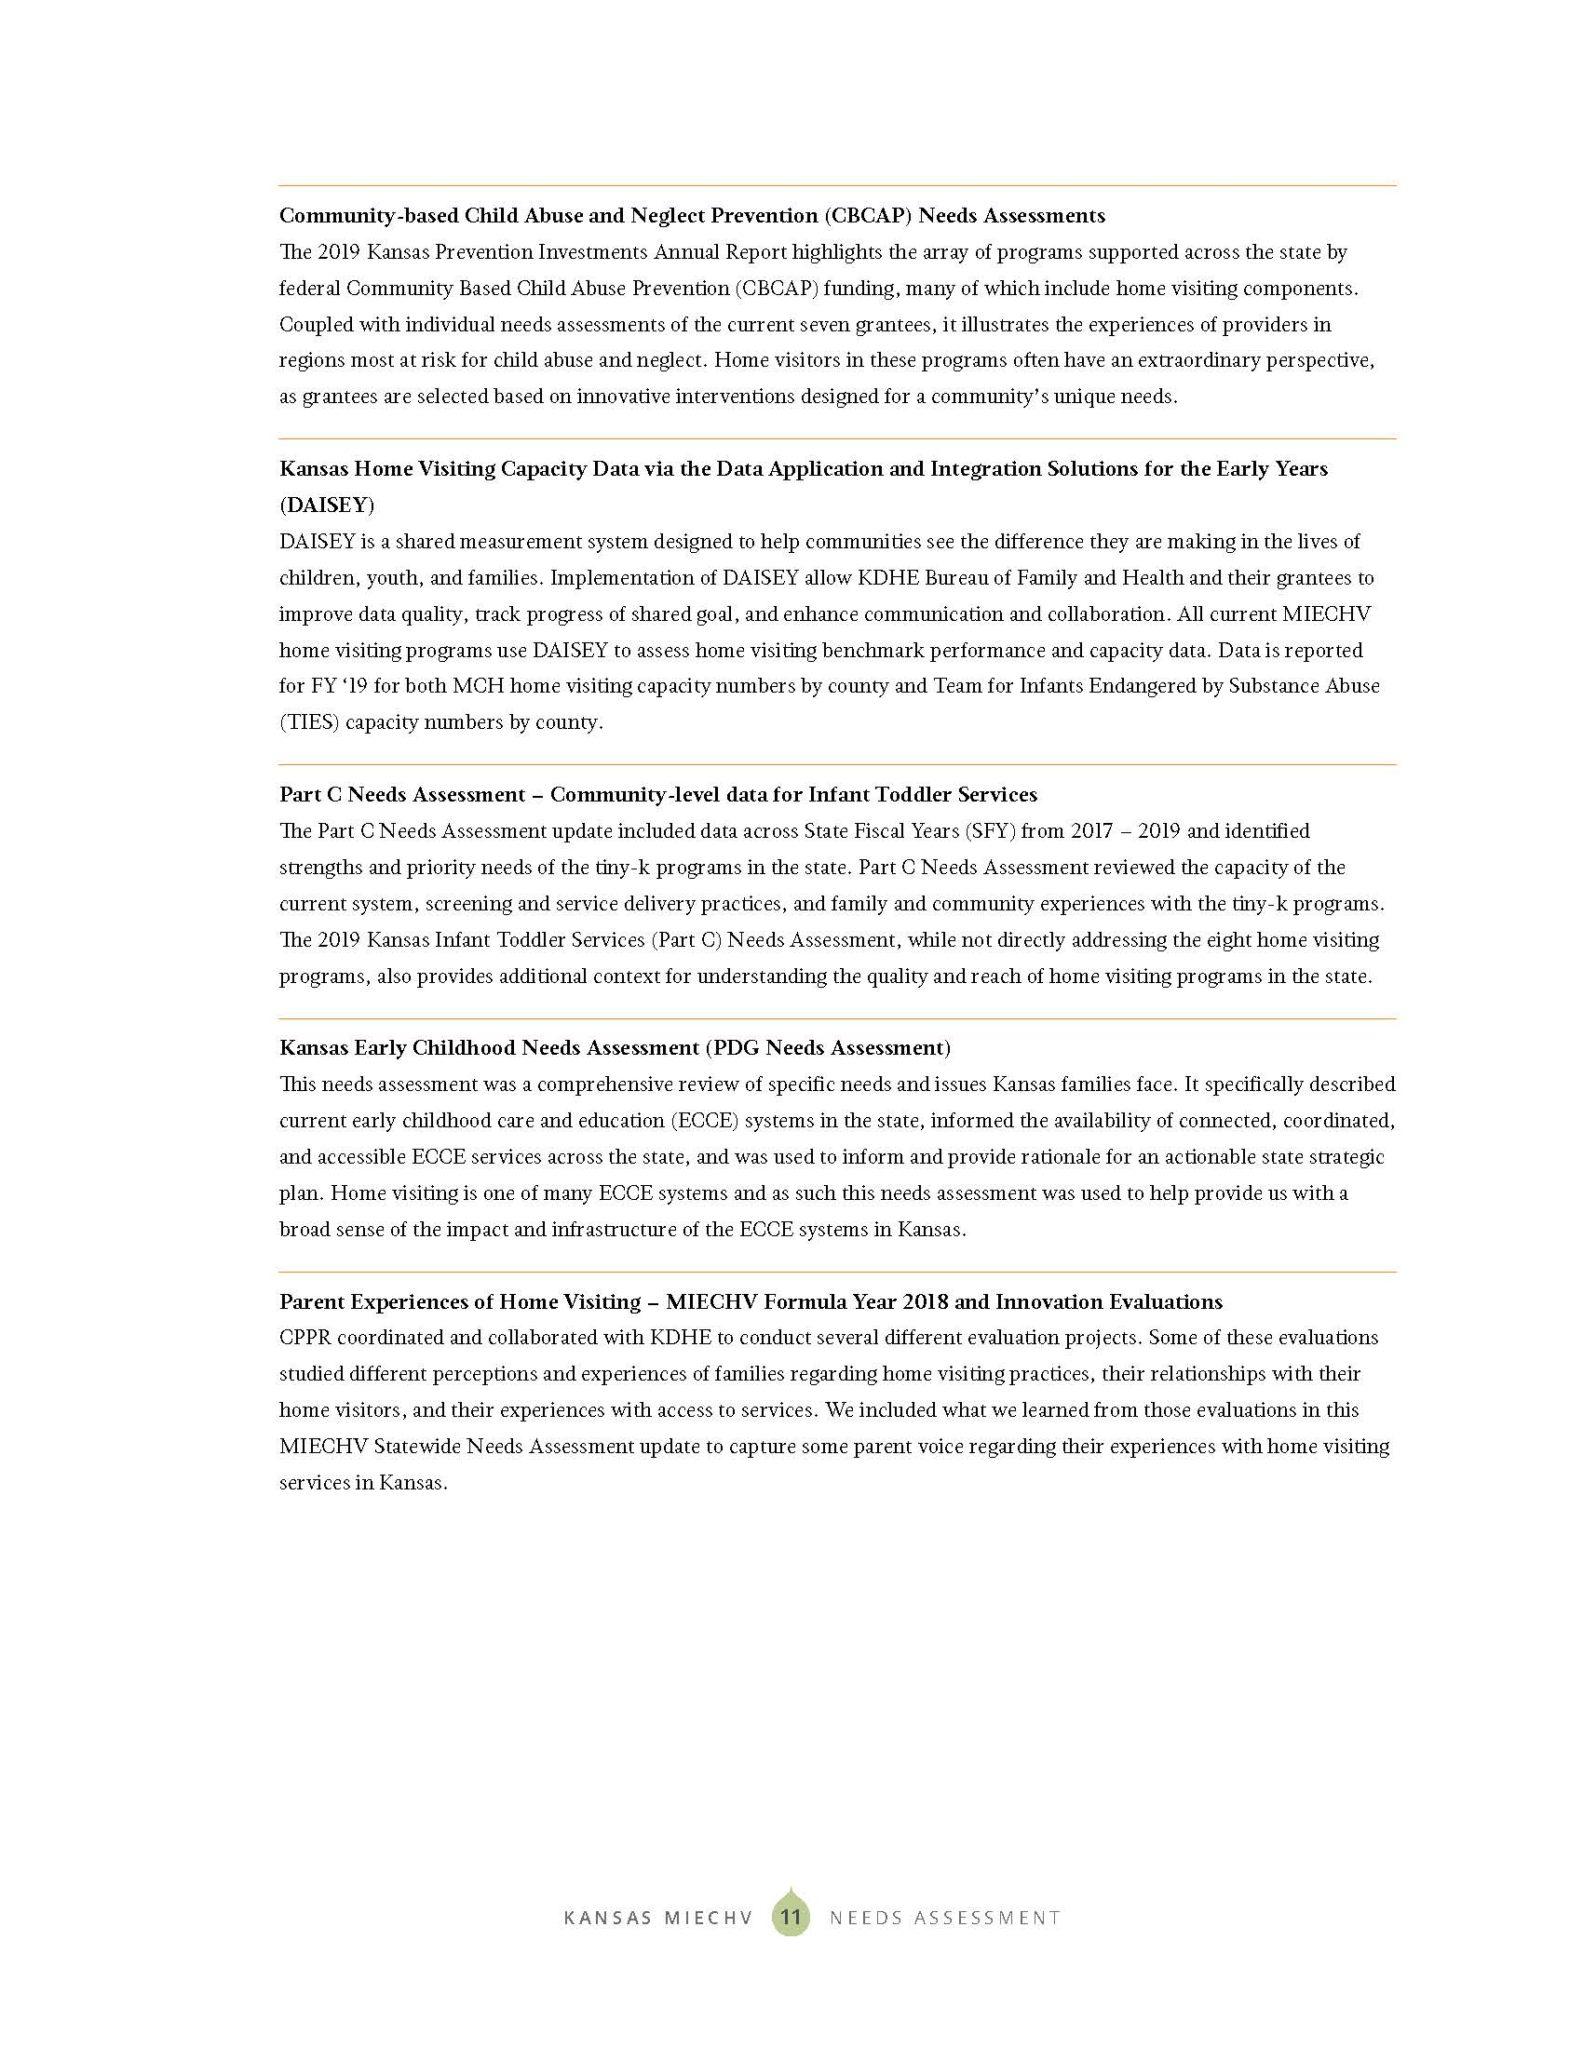 KS MIECHV 2020 Needs Assessment_DIGITAL_Page_019